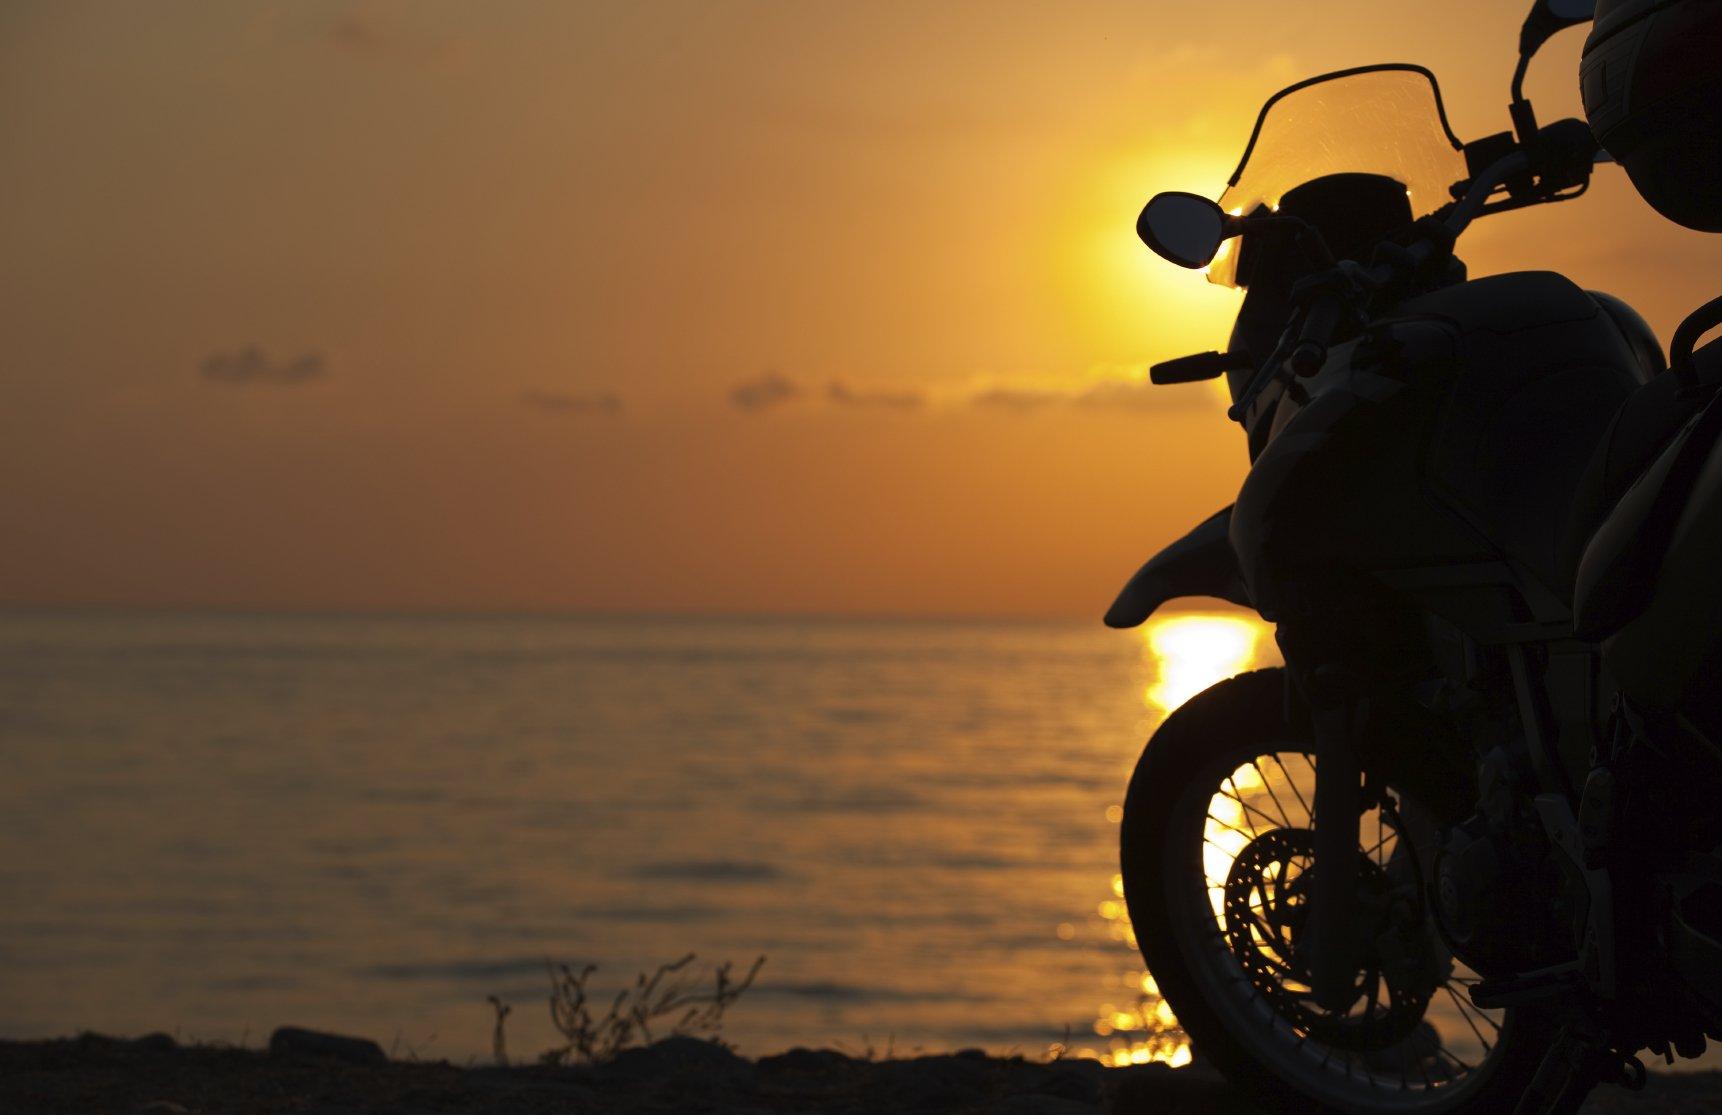 картинки мотоциклистов и закат поэтому население